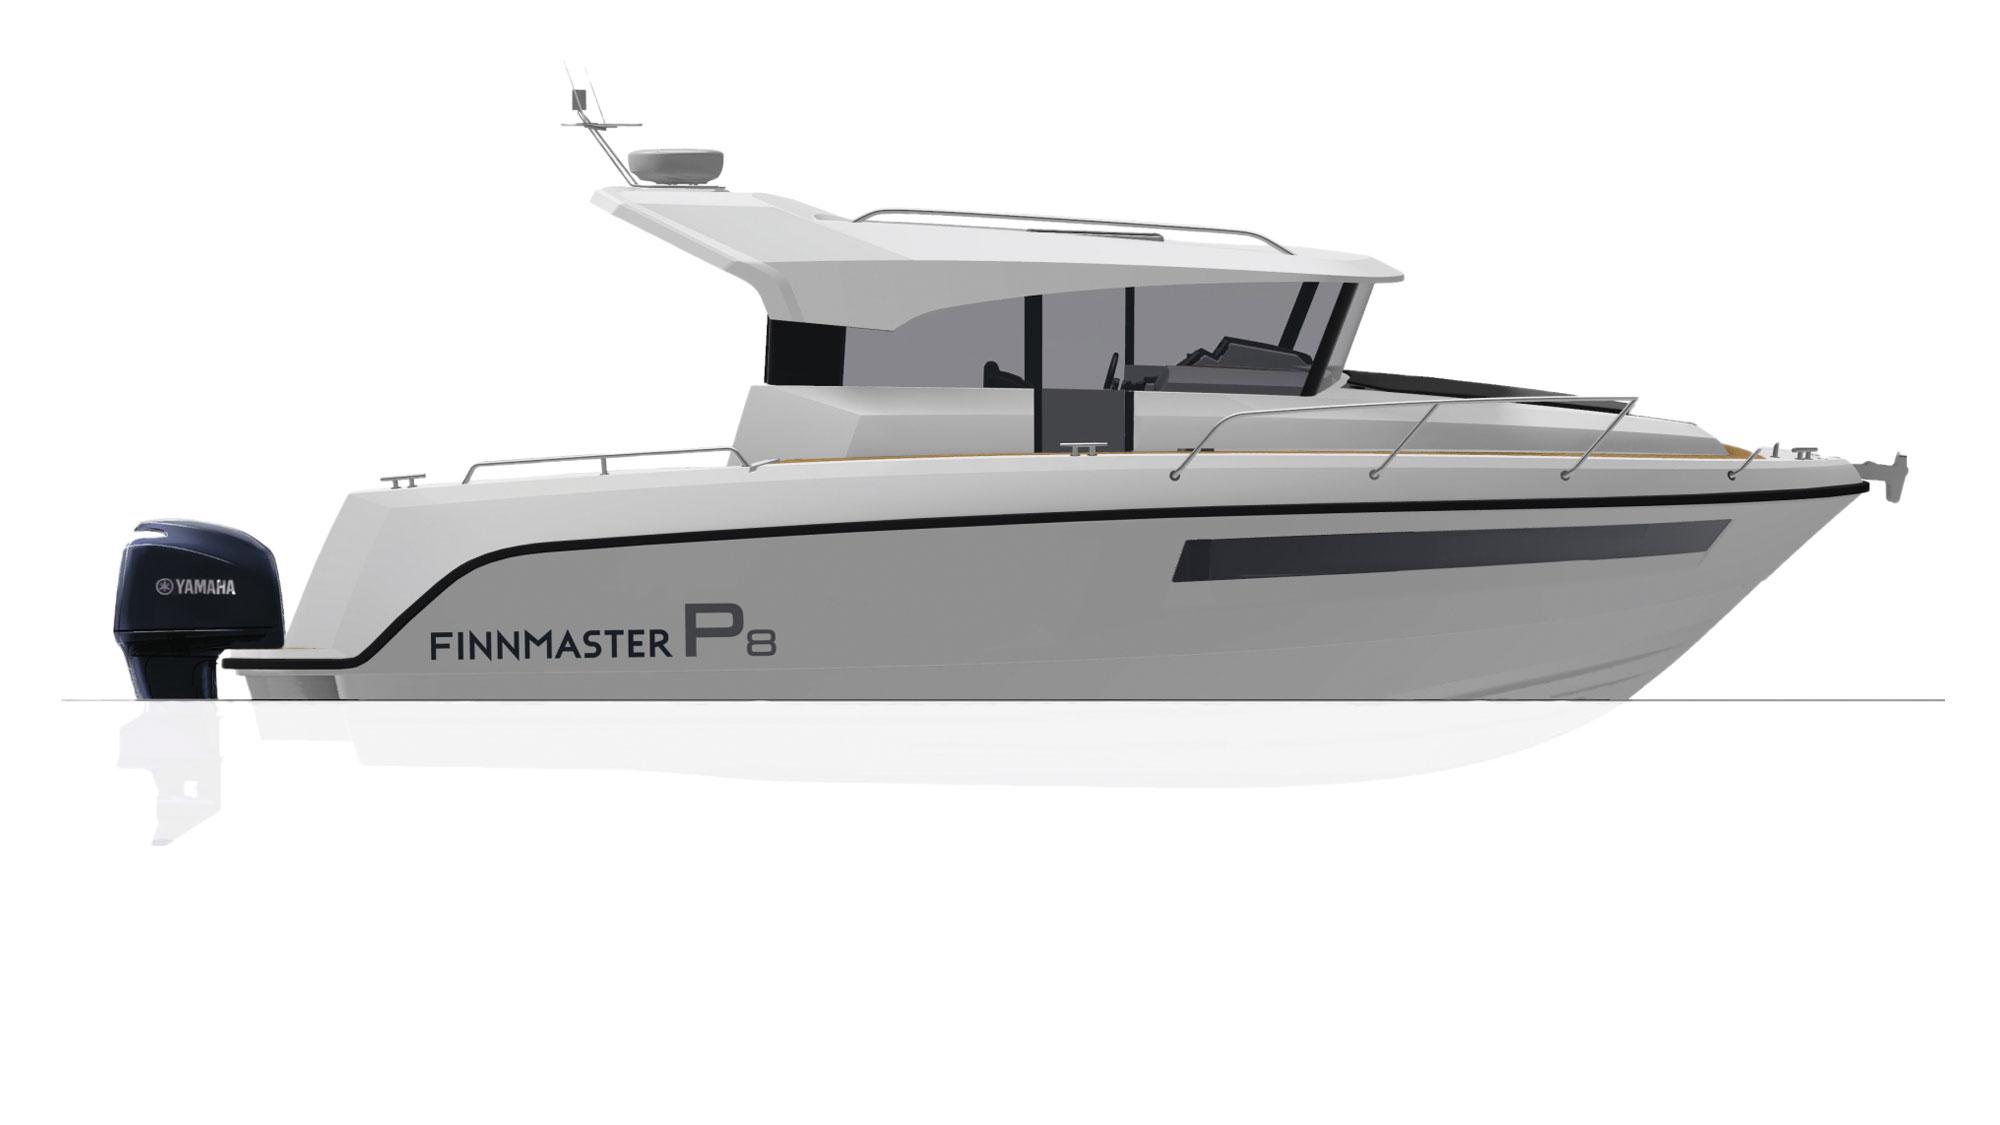 Finnmaster P8